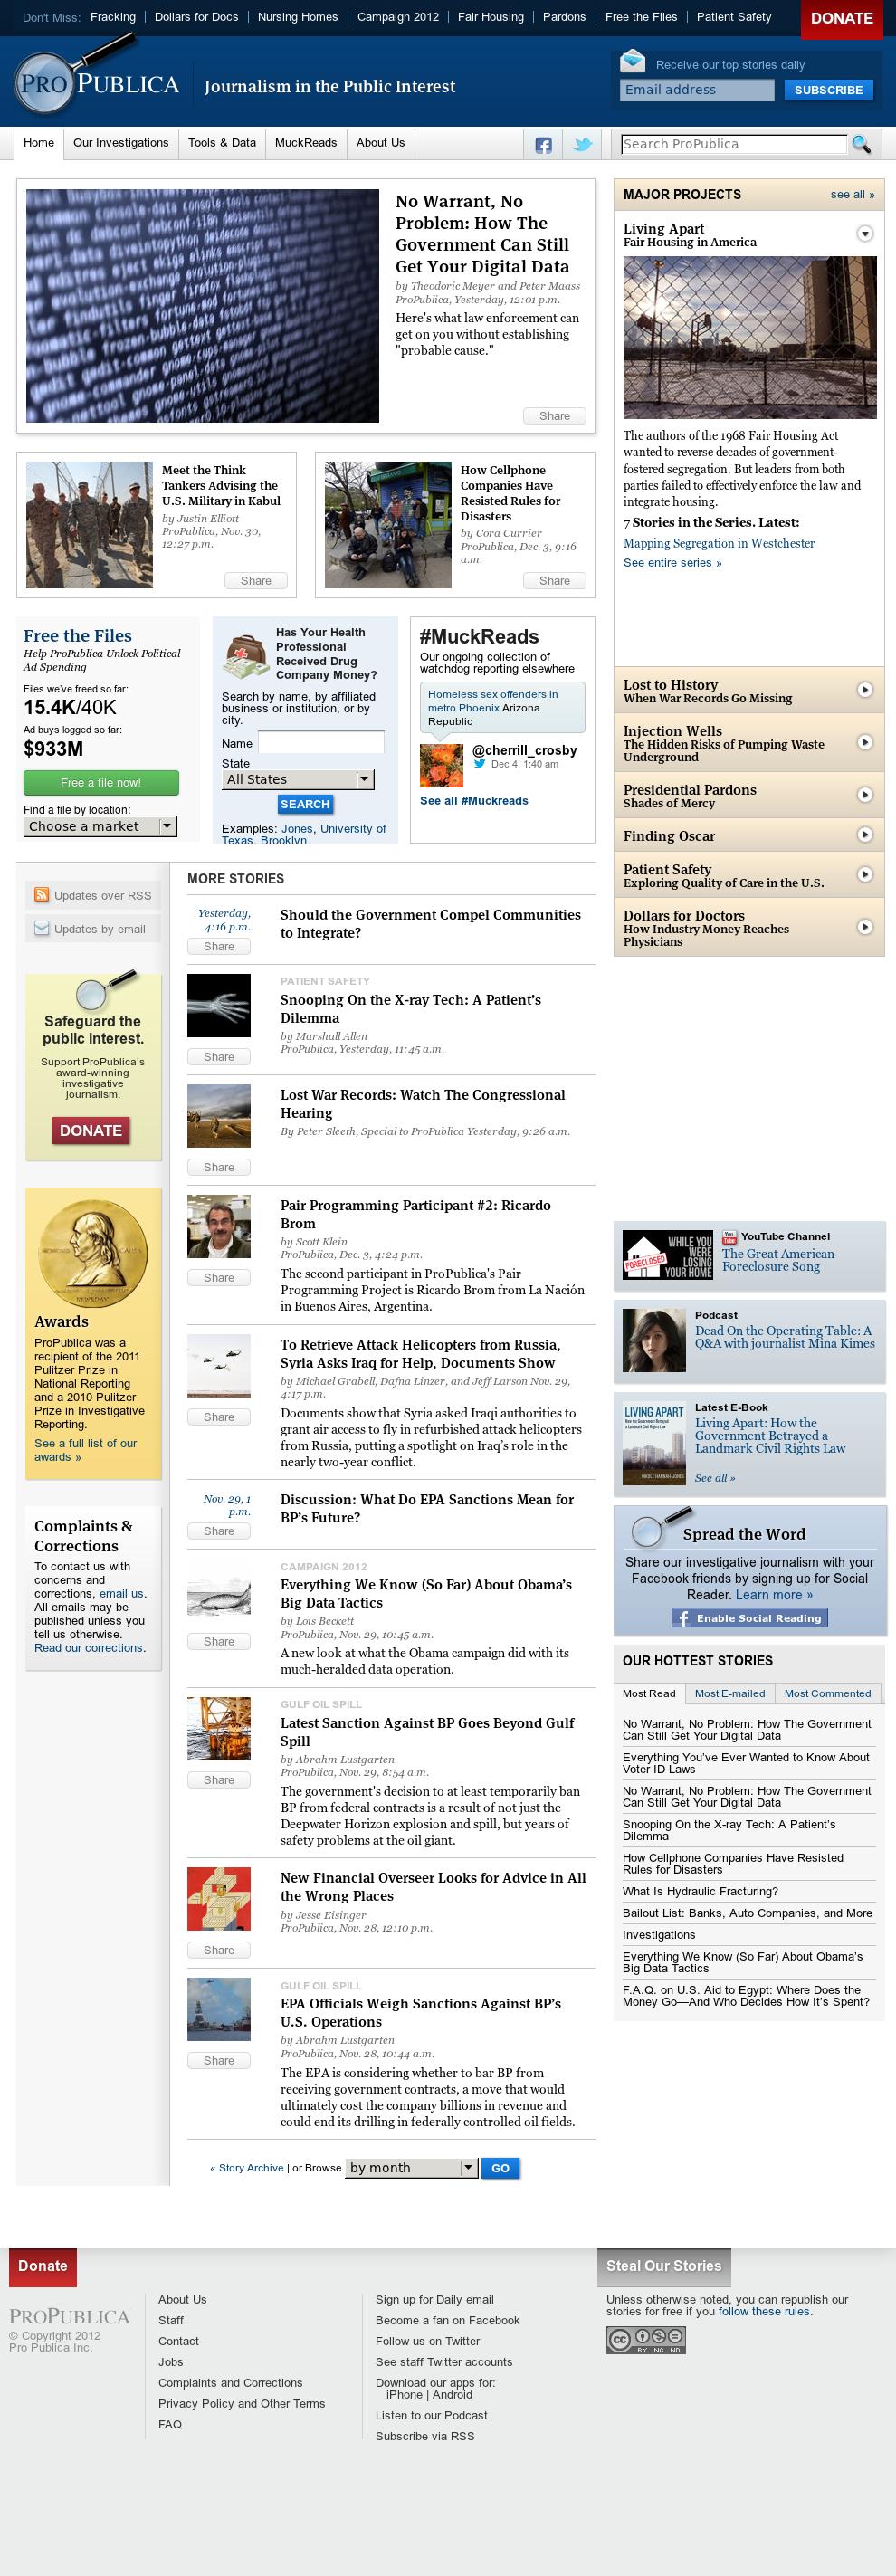 ProPublica at Wednesday Dec. 5, 2012, 7:27 a.m. UTC